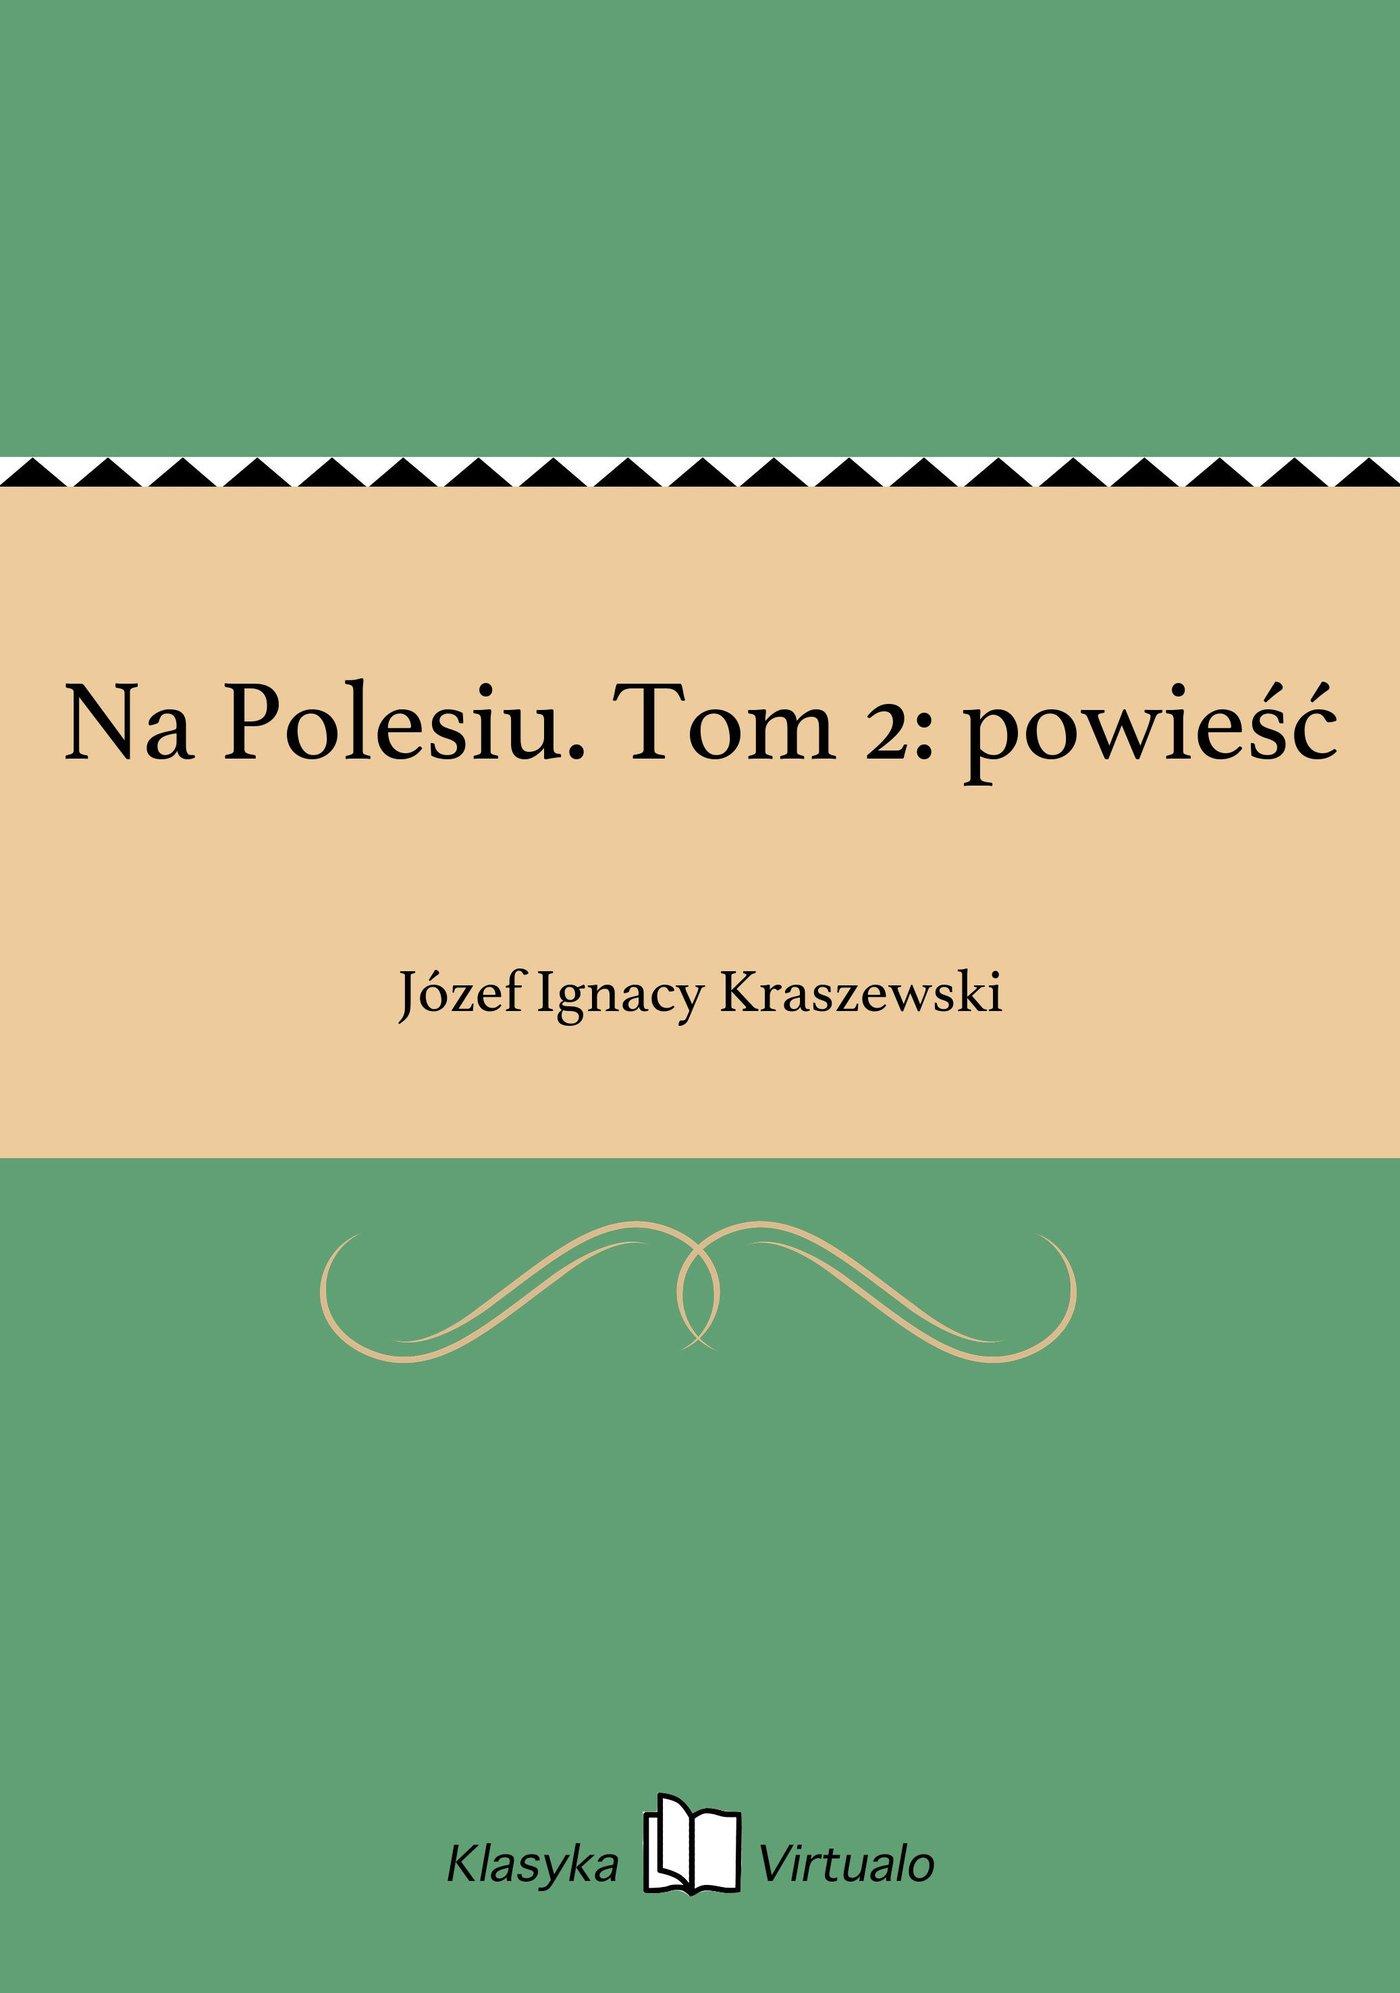 Na Polesiu. Tom 2: powieść - Ebook (Książka EPUB) do pobrania w formacie EPUB